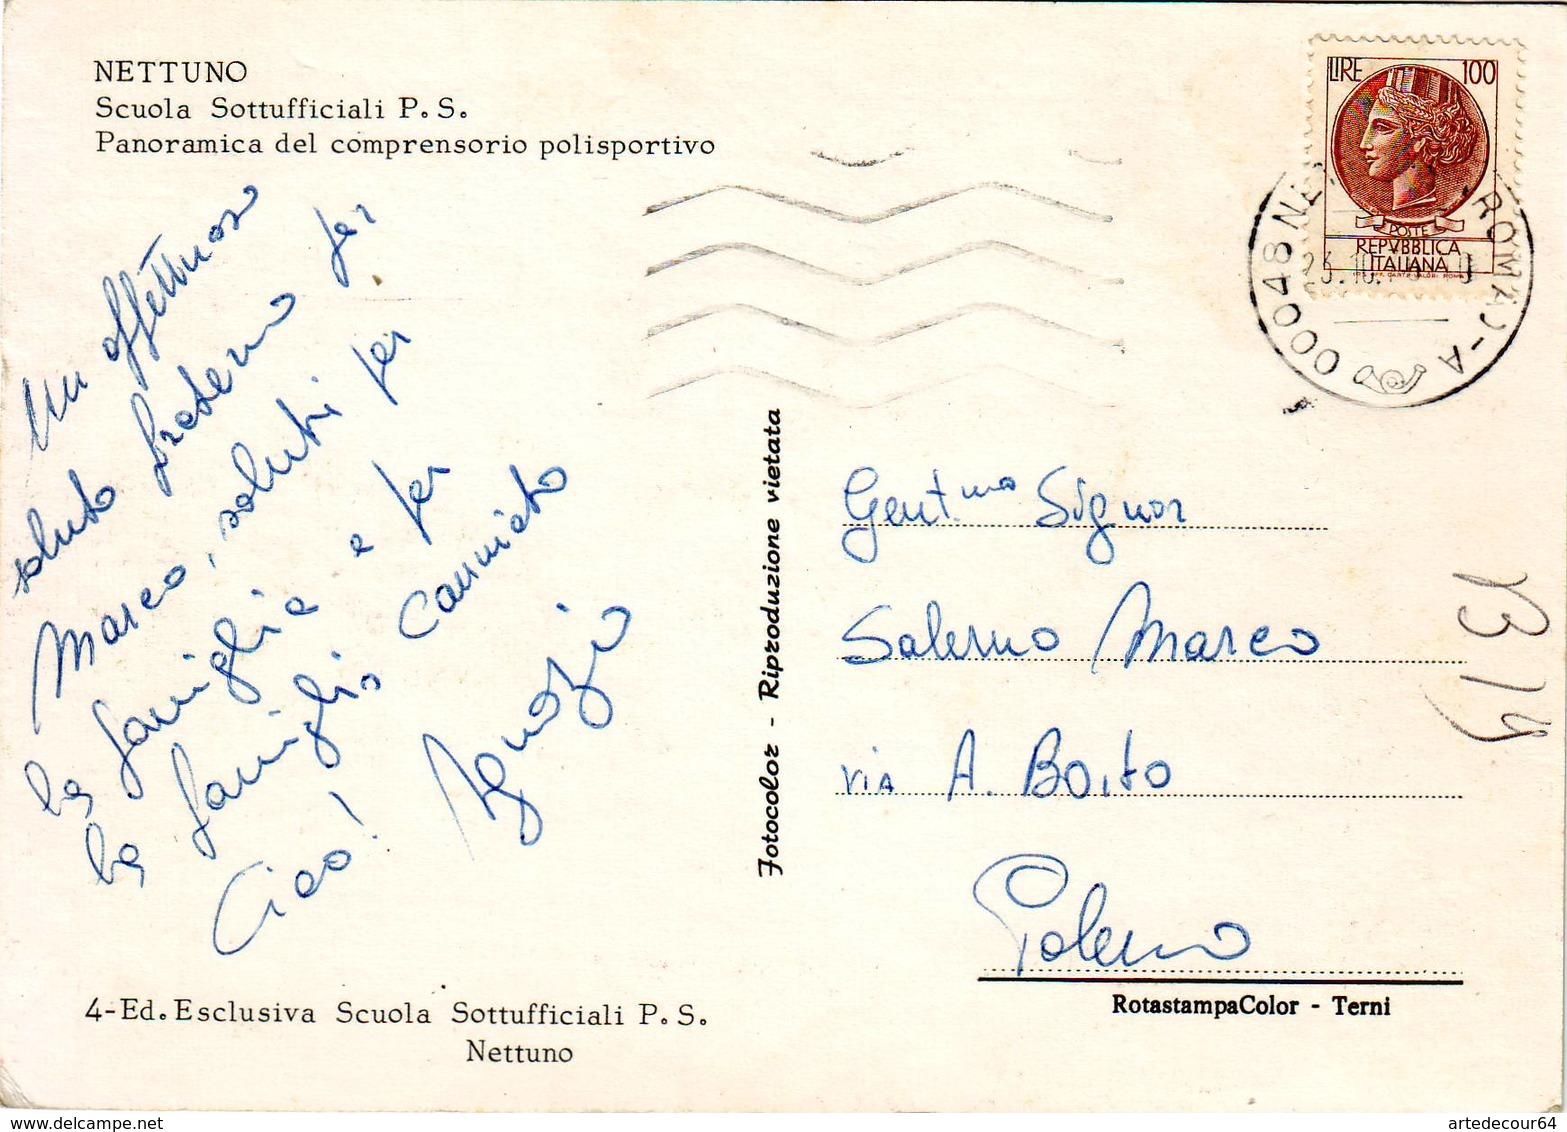 Nettuno (roma) Scuola Sottufficiali P.S. - Viaggiata - Tivoli